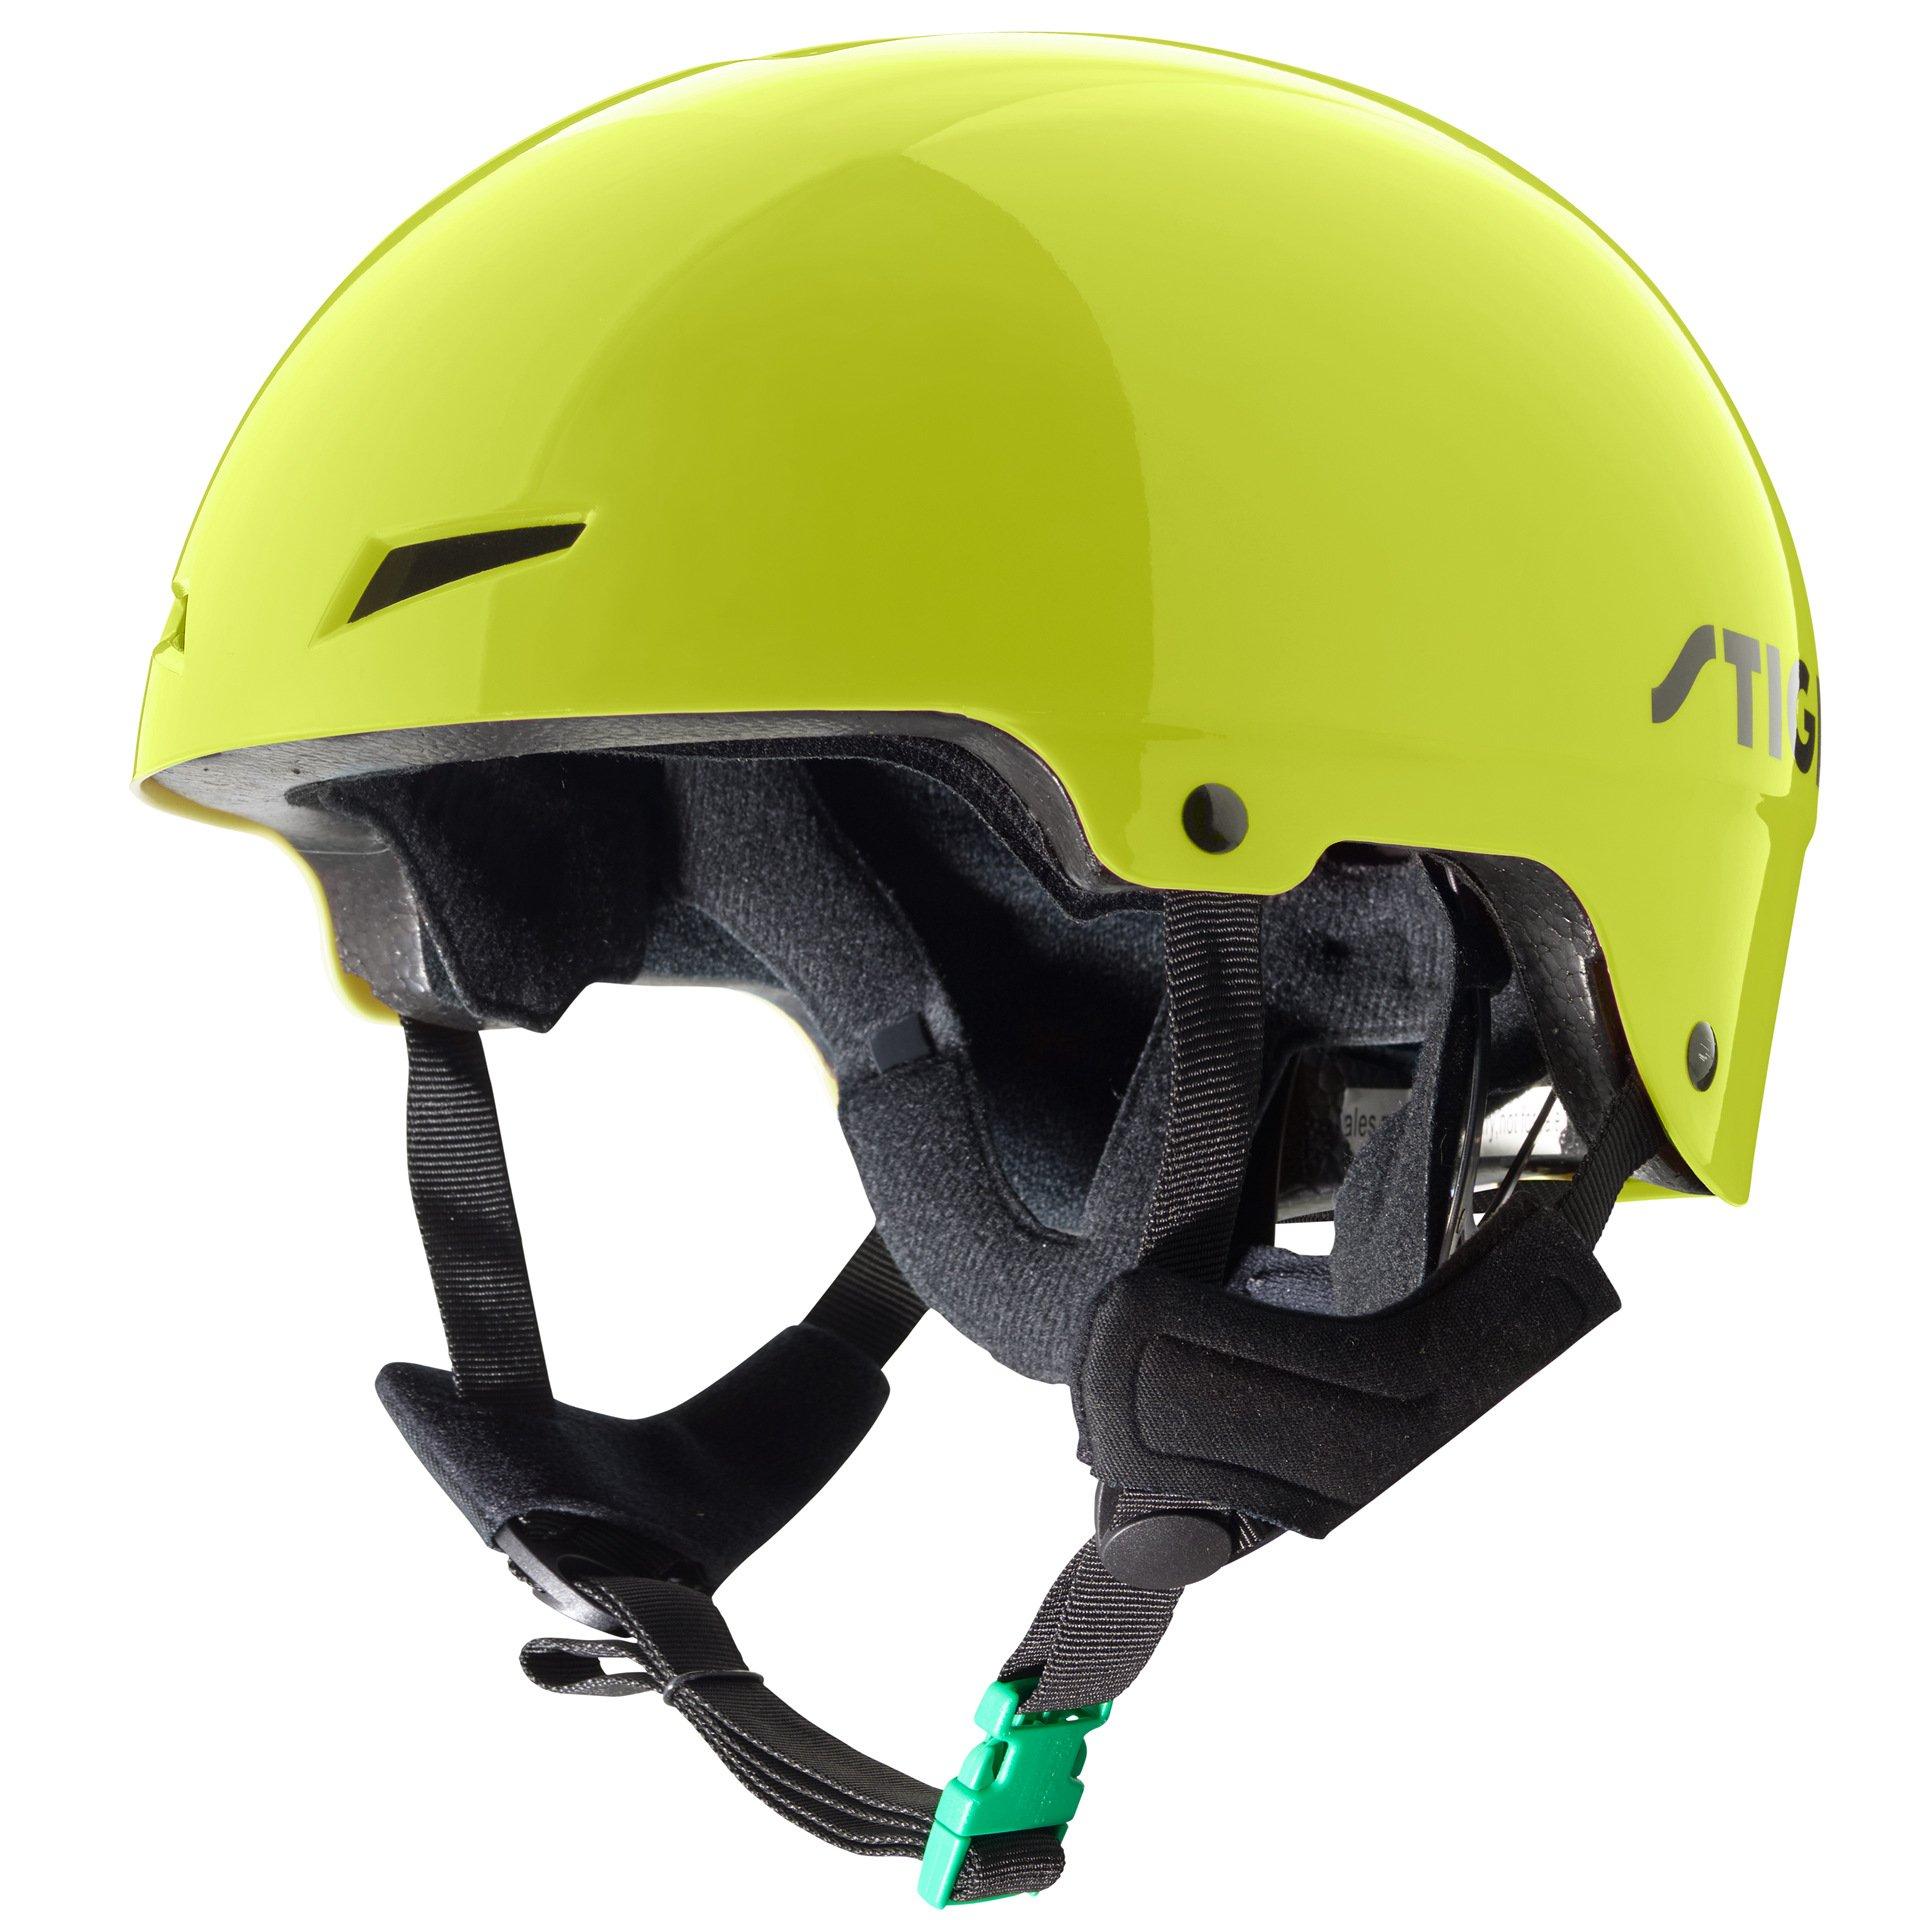 Stiga - Kids Helmet Play - Green M (52-56) (82-5049-05)